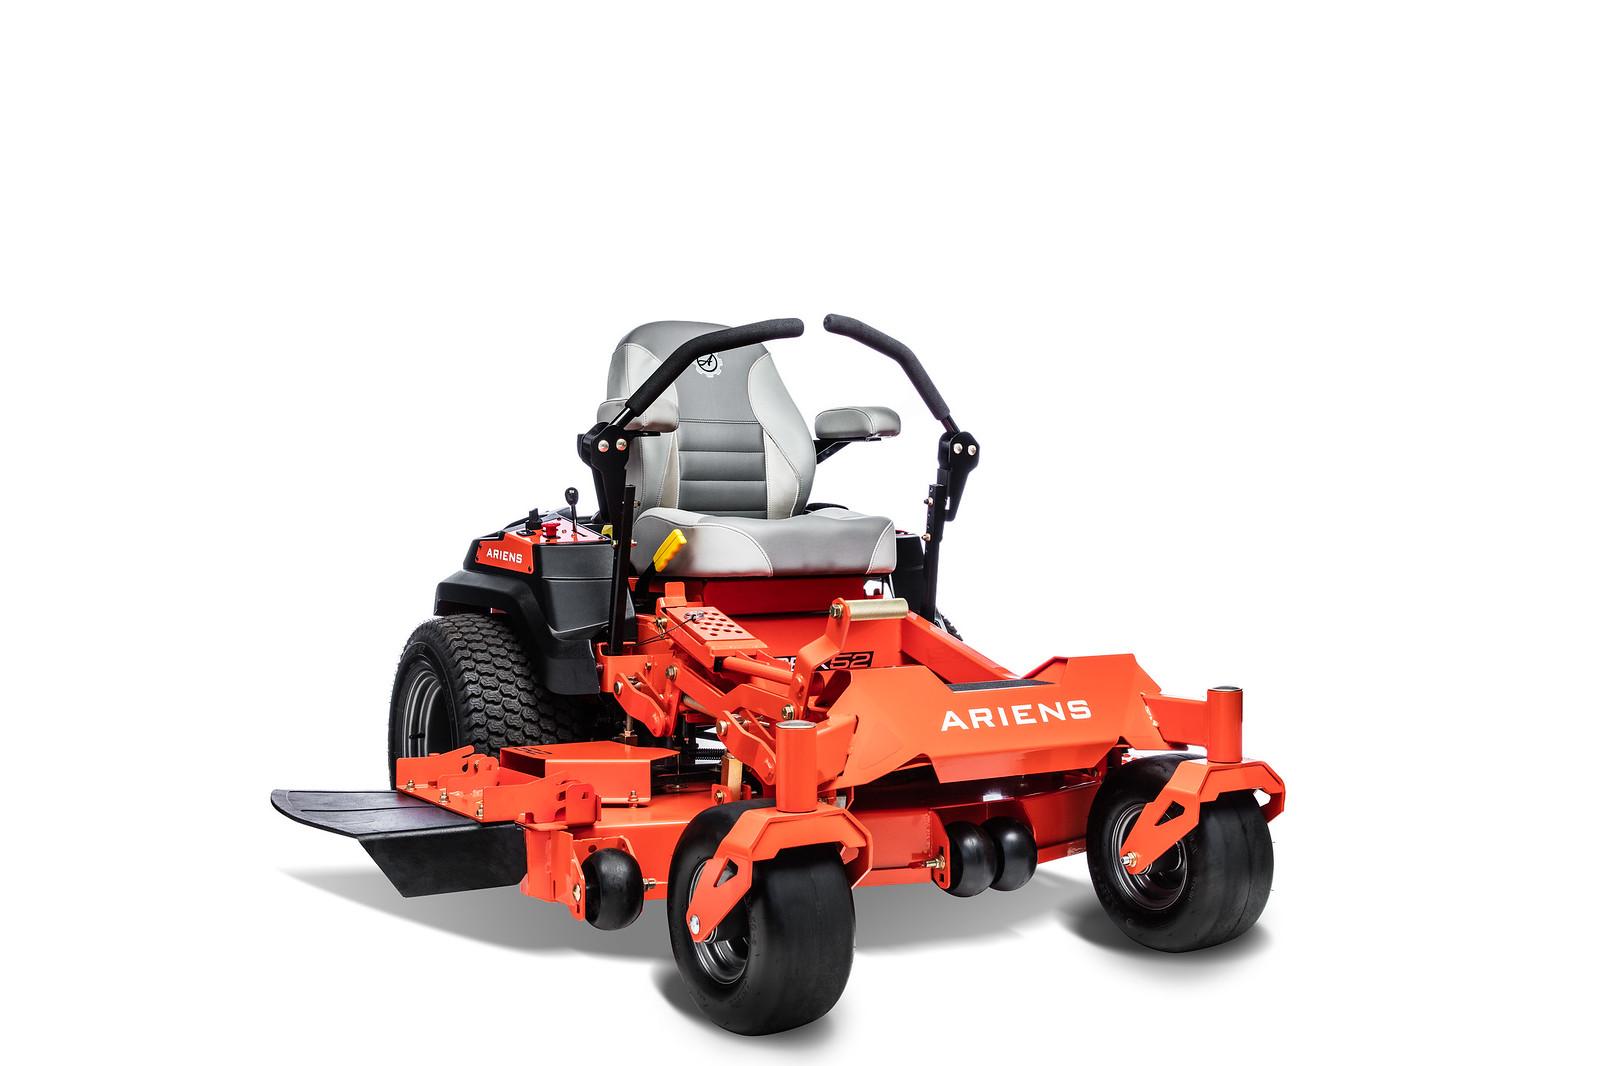 Ariens Apex 52 Zero-turn mower | Plymouth Garden Machinery